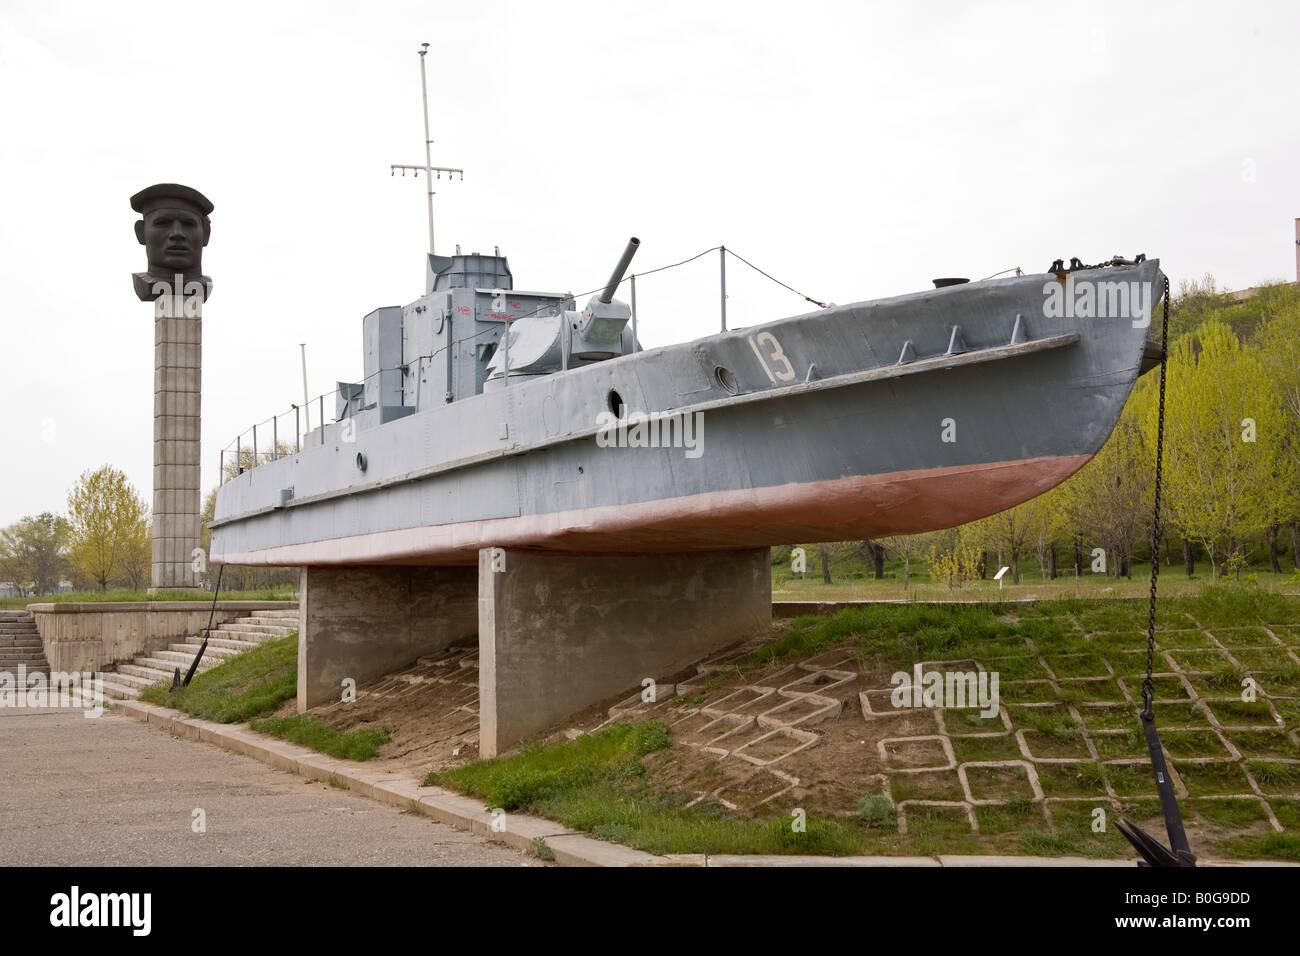 Stalingrad battle stockfotos stalingrad battle bilder for Voga deutsche seite